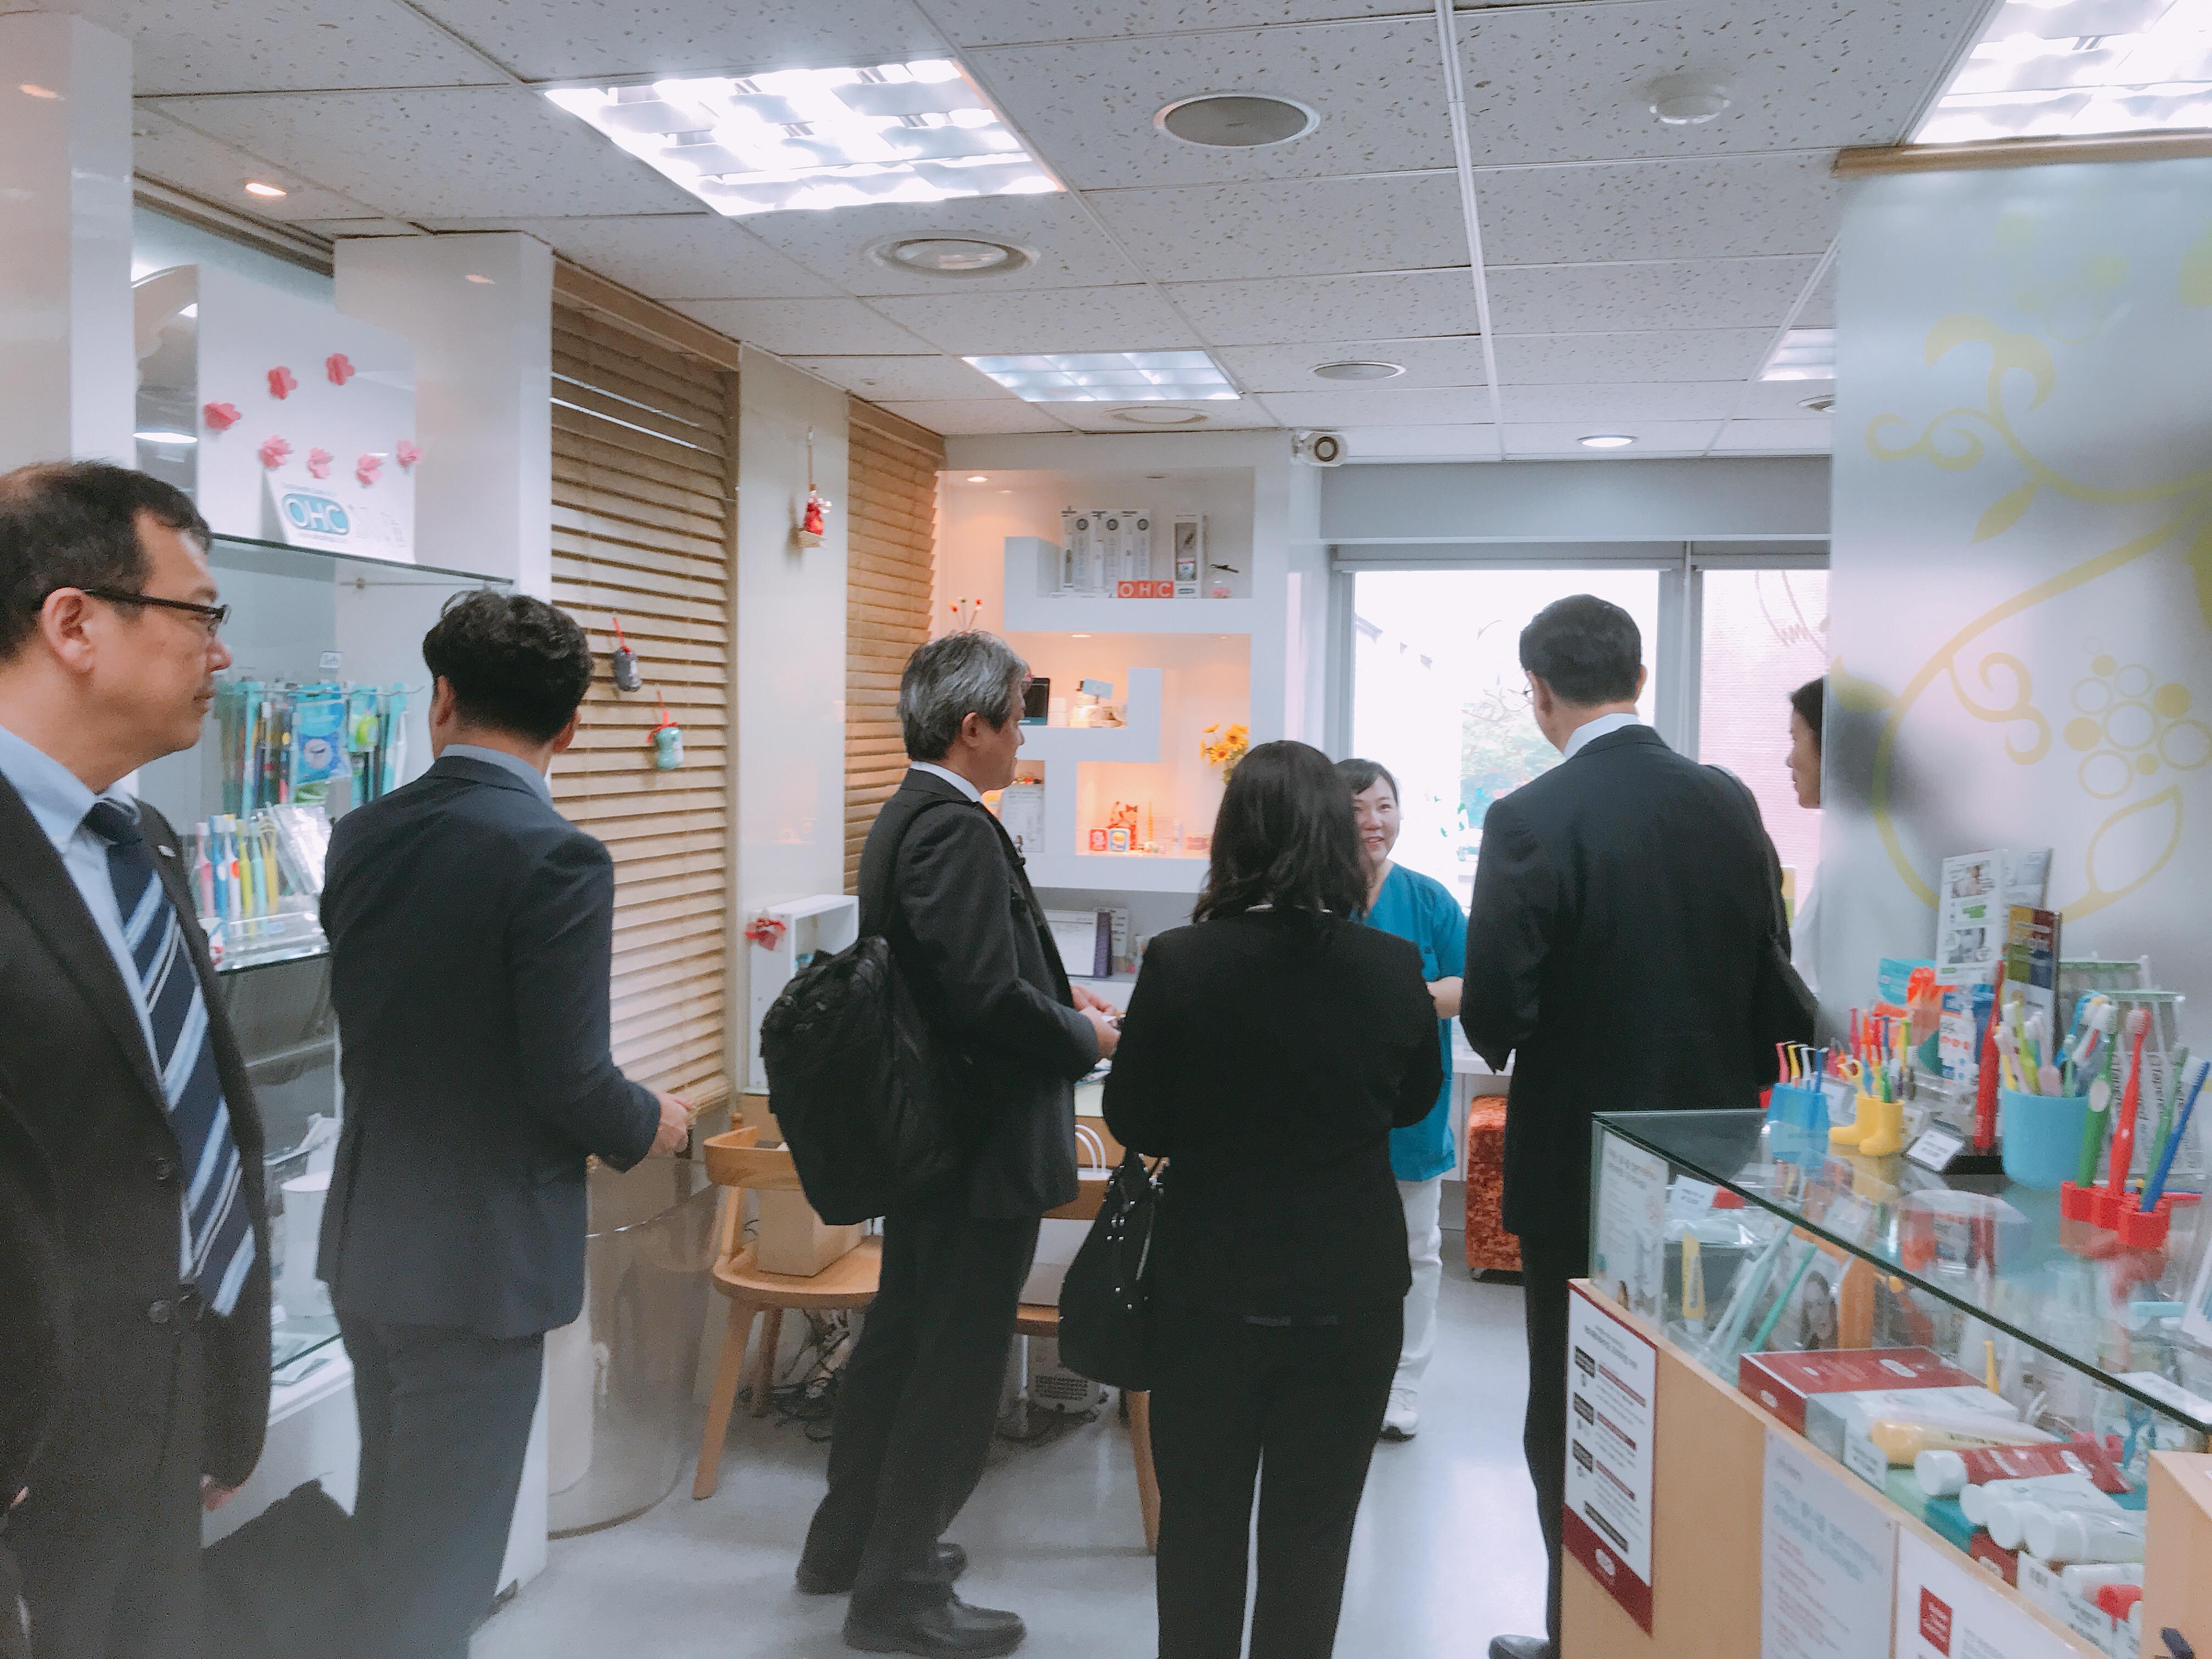 2019-5-13 일본 라이온 본사 직원 혜화방문 17.jpg